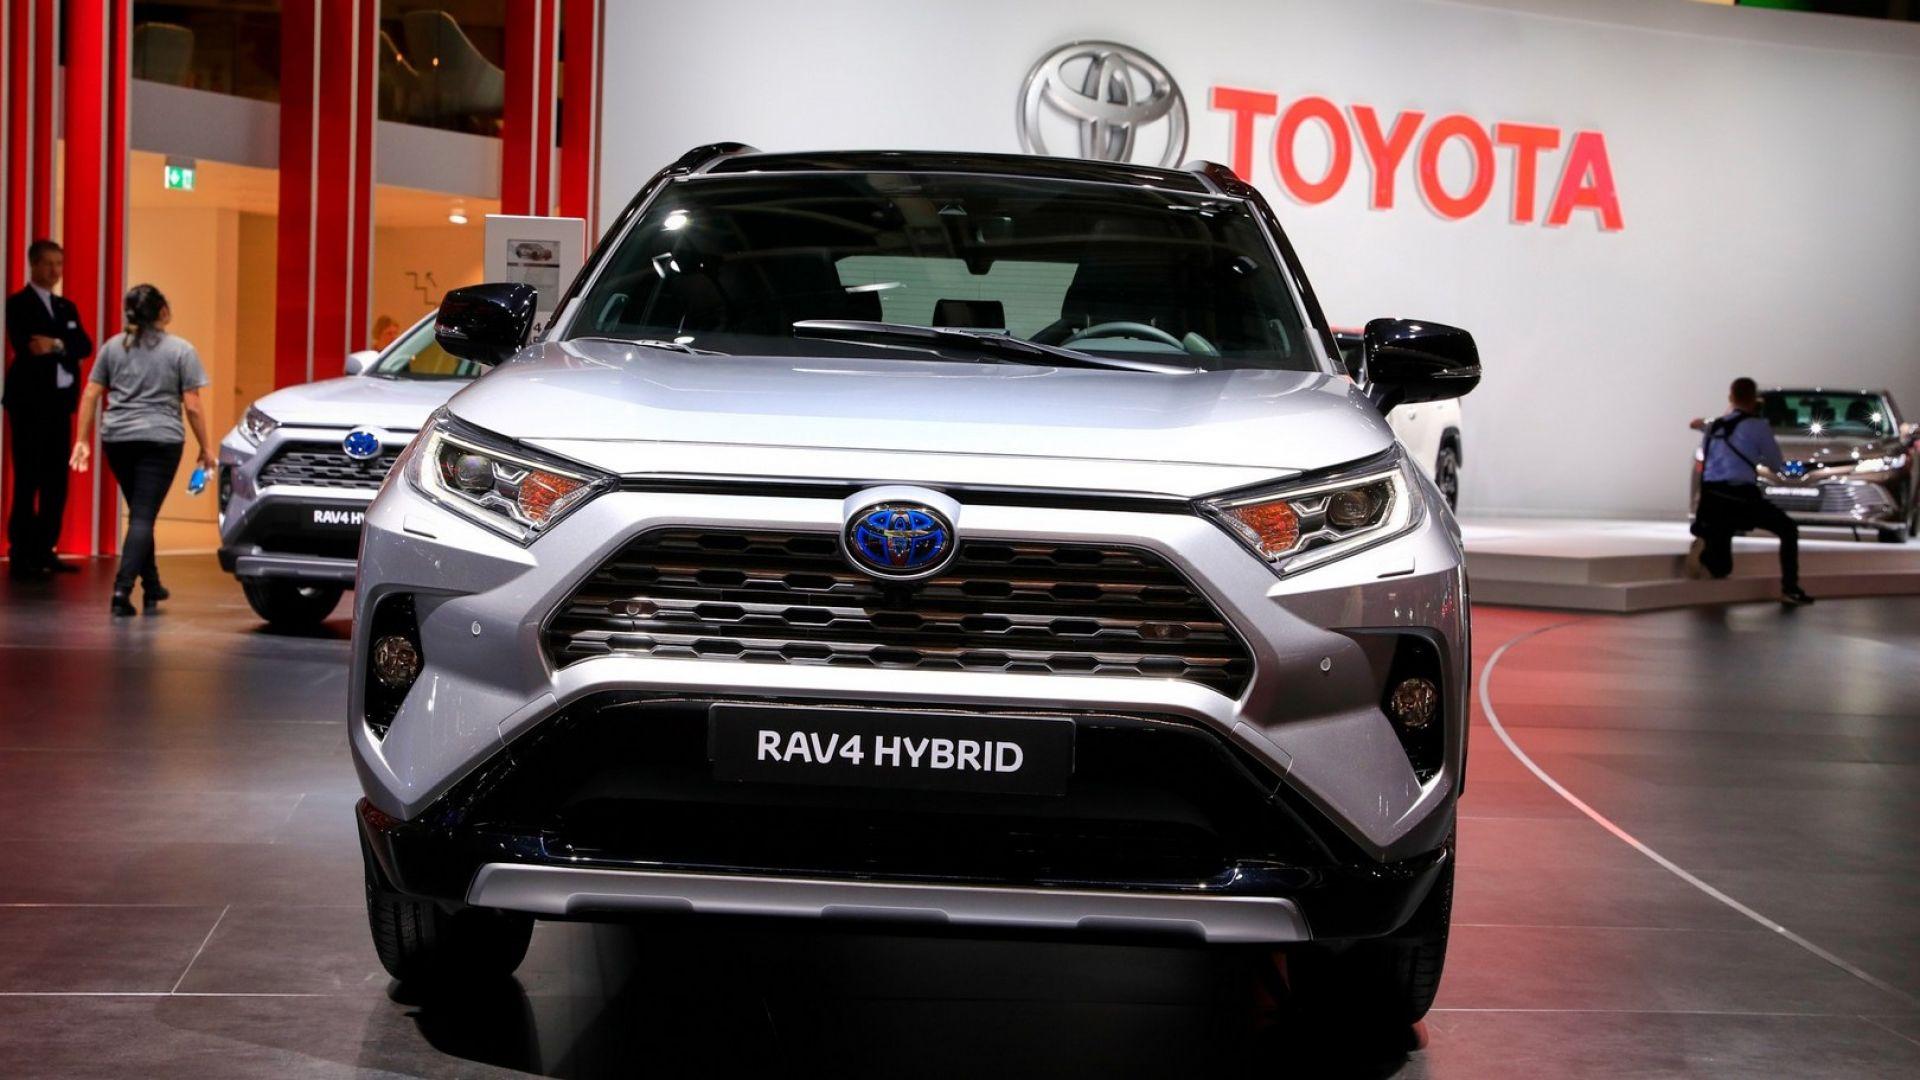 Toyota Rav4 Ibrida 2019 Dimensioni Scheda Tecnica Prezzo Video Motorbox